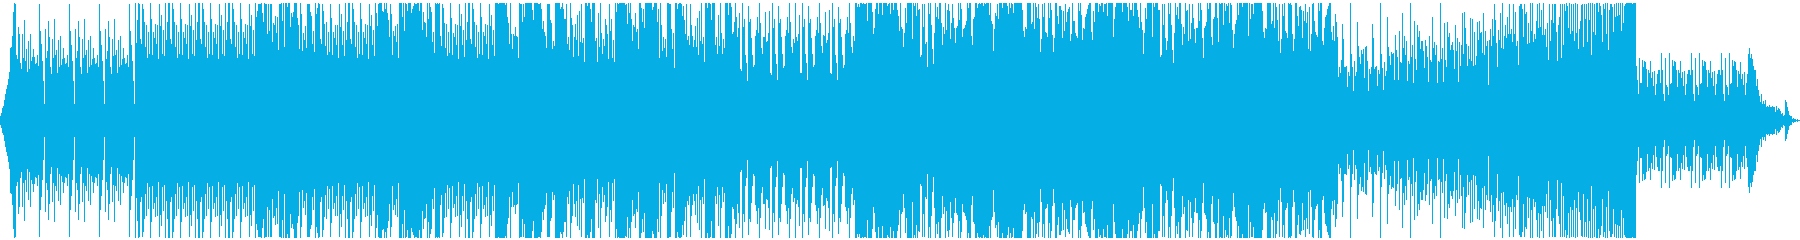 悲壮な決意 荘厳で険しい雰囲気のピアノ曲の再生済みの波形